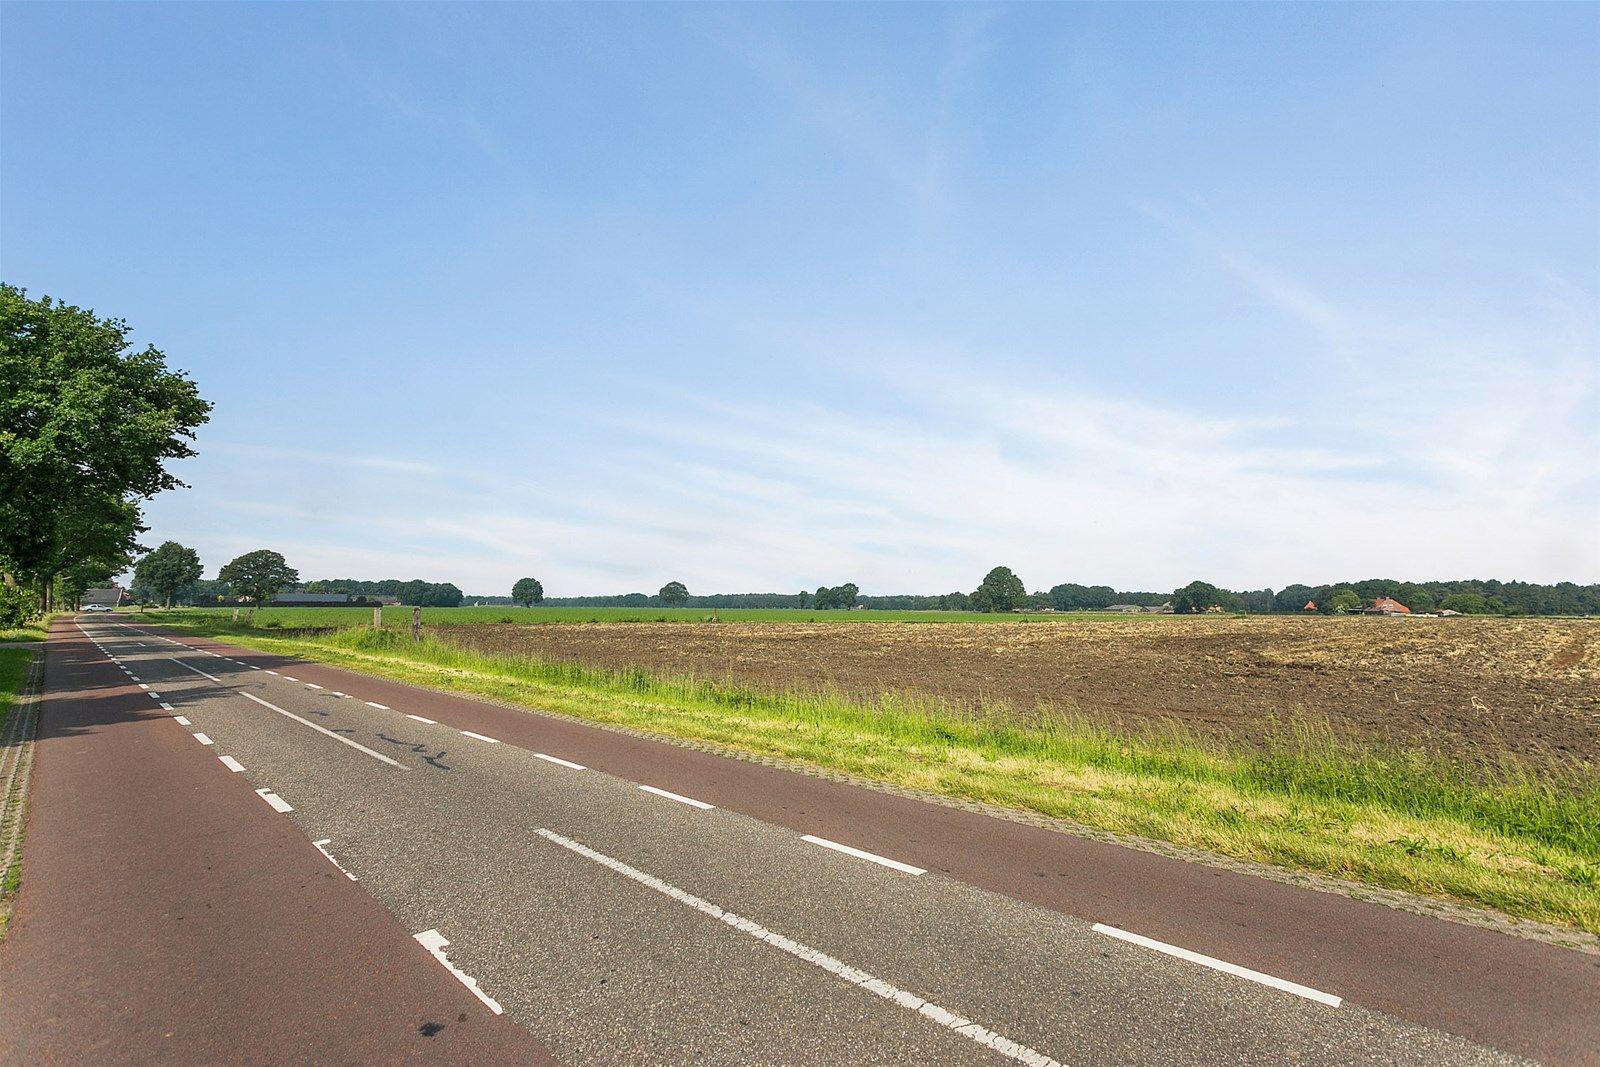 Mogelijkheid om extra grond, circa 3.31.75 ha, aan te kopen. Dit voormalig agrarisch bedrijf is prachtig gelegen op een perceel van 0.70.00 ha in het buitengebied van Baarle-Nassau. Het behoort tot de mogelijkheden om extra grond, circa 3.31.75 ha, aan te kopen. Tevens kan, indien daarvoor goedkeuring is verleend door diverse overheidsinstanties, worden omgeschakeld naar bijvoorbeeld een bedrijfsbestemming met als nevenactiviteit bed - breakfast of, mits is voldaan aan de daarvoor geldende voorwaarden, naar een woonbestemming waarna er ter plaatse als burger kan worden gewoond. Zo is deze locatie bijvoorbeeld te exploiteren als een recreatieve of ander soortige bedrijfsmatige nevenactiviteit, mits ook in deze genoemde situatie de diverse overheidsinstanties hiermee hebben ingestemd.   De uitgebouwde vrijstaande woonboerderij beschikt over een inpandig bereikbare schuur, loods, paardenstal, sleufsilo en garage. De begane grond heeft o.a. een royale slaapkamer, badkamer, woonkamer, praktische bijkeuken en  zeer ruime leefkeuken. De eerste verdieping heeft vier slaapkamers en een toiletruimte.   BEGANE GROND De voorentree geeft toegang tot de woonkamer en de ruime leefkeuken.  Afwerking- Tegelvloer, Boeren Granol wanden en MDF plafond. Meterkast- 9 groepen, 3 aardlekschakelaars en krachtstroom.  De woonkamer is voorzien van een sfeervolle schouw en er treedt veel daglicht toe in de kamer.   Afwerking- Houten vloer, Granol wanden en sierbalken plafond.   De zeer ruime leefkeuken is uitgerust met een keuken in hoekopstelling met een kunststof aanrechtblad met dubbele spoelbak, 5-pits gaskookplaat, afzuigkap, vaatwasser, koelkast, vrieskast en combimagnetron. Vanuit de keuken zijn de kelder, achterentree en middels vaste trap de eerste verdieping te bereiken.  Afwerking- Houten vloer, Granol wanden en sierbalken plafond.    Achterentree geeft toegang tot de toiletruimte, bijkeuken en portaal in de schuur met toegang tot de slaapkamer op de begane grond.  Afwerking- Tegelv